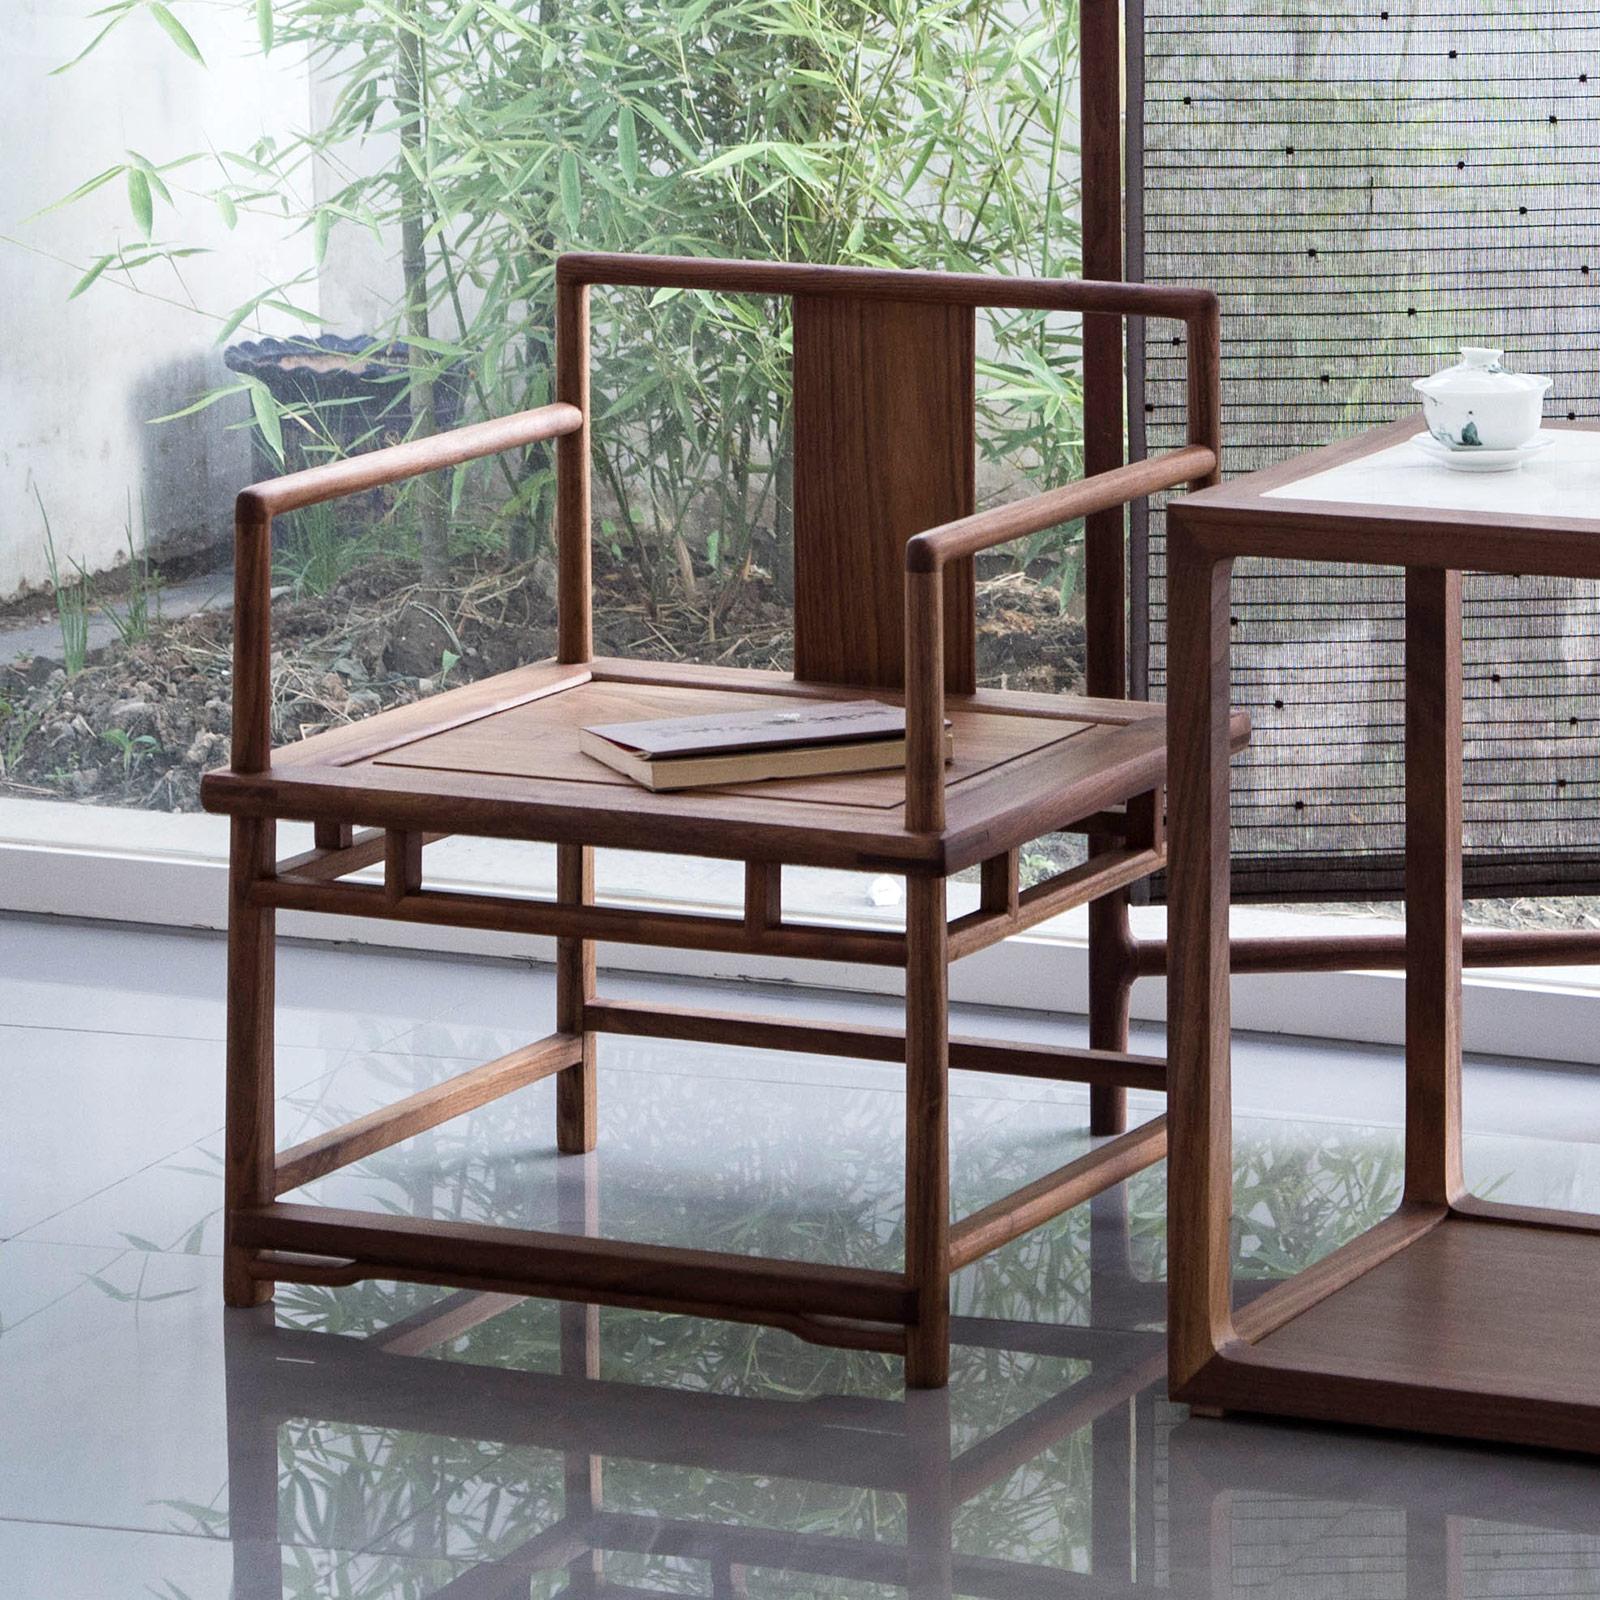 璞木禅意新中式实木黑胡桃官帽椅明清式仿古茶椅子老榆木免漆餐椅